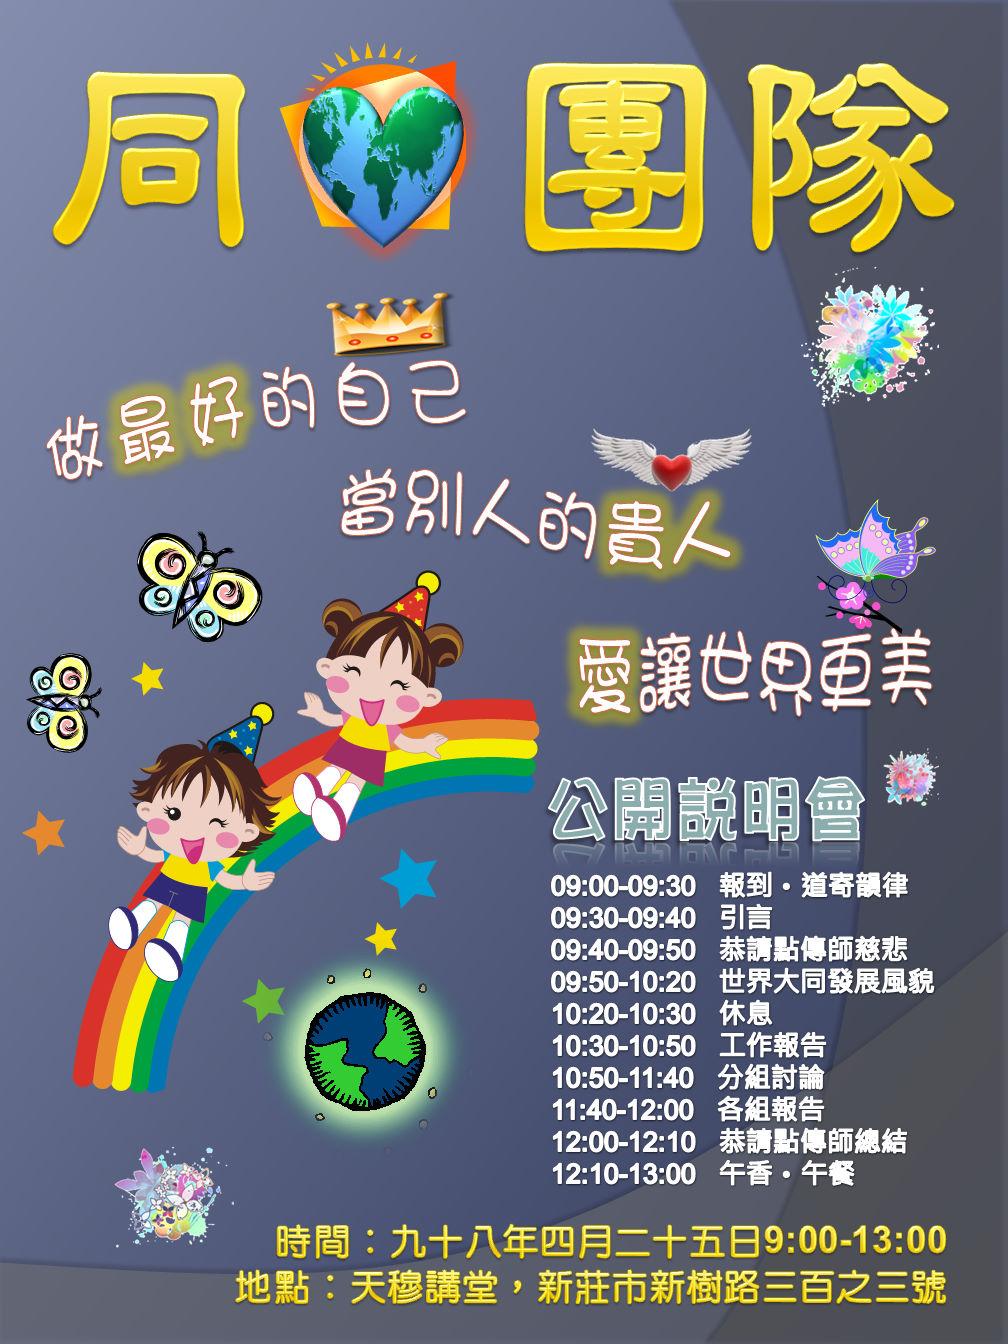 98年4月25日天惠孝一同心團隊公開說明會